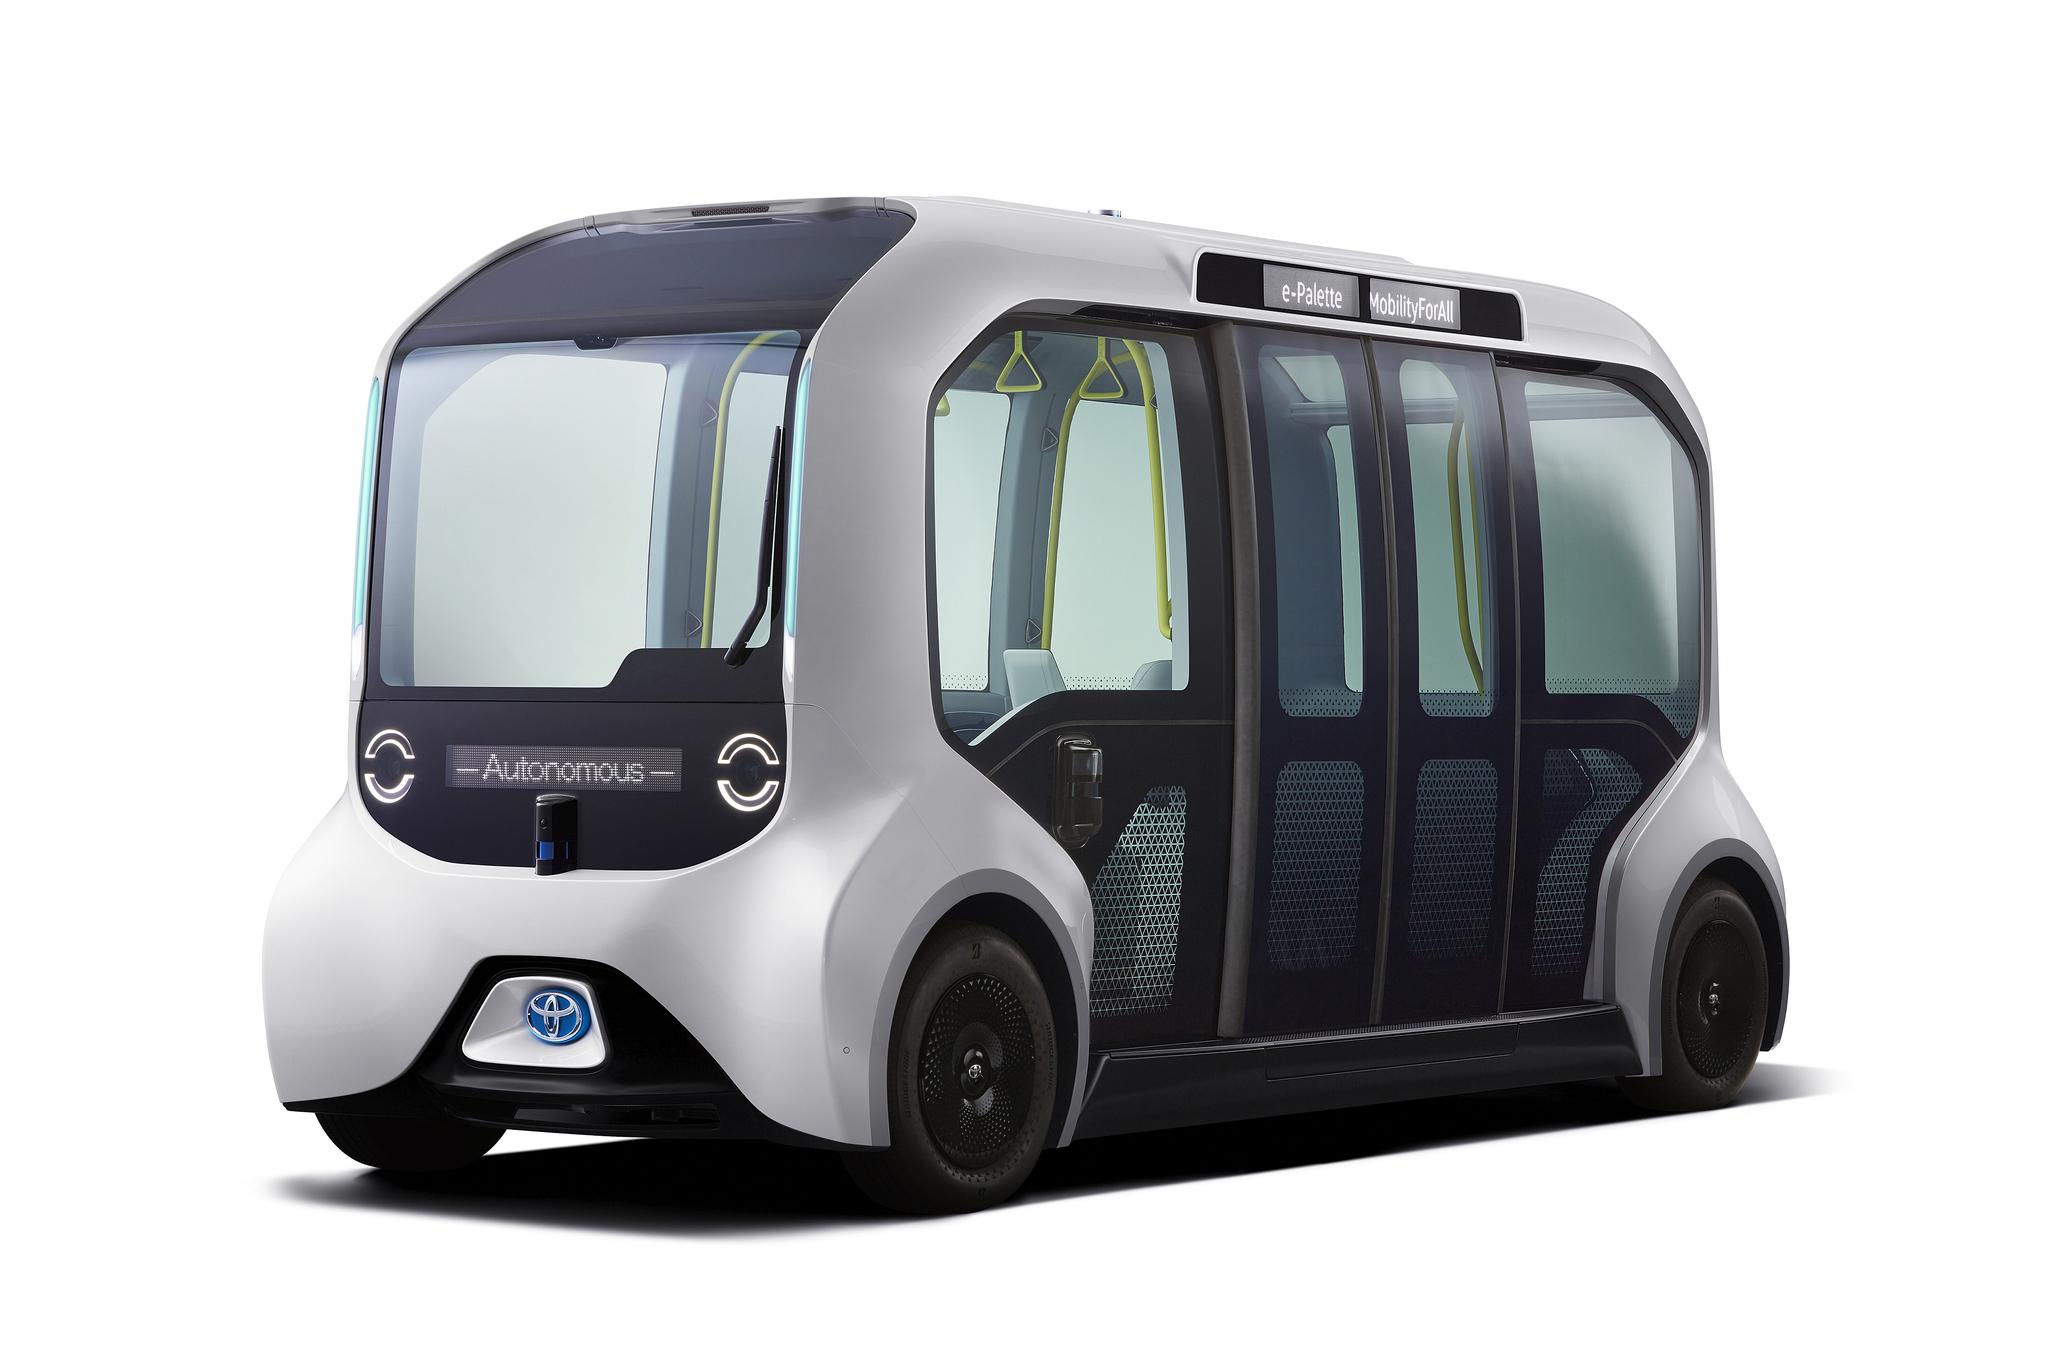 e-팔레트는 내년 도쿄 올림픽에 선보일 자율주행 셔틀버스다. 운전자와 조작 패널이 없는 레벨4 수준의 자율주행이 가능하다. [사진 도요타]